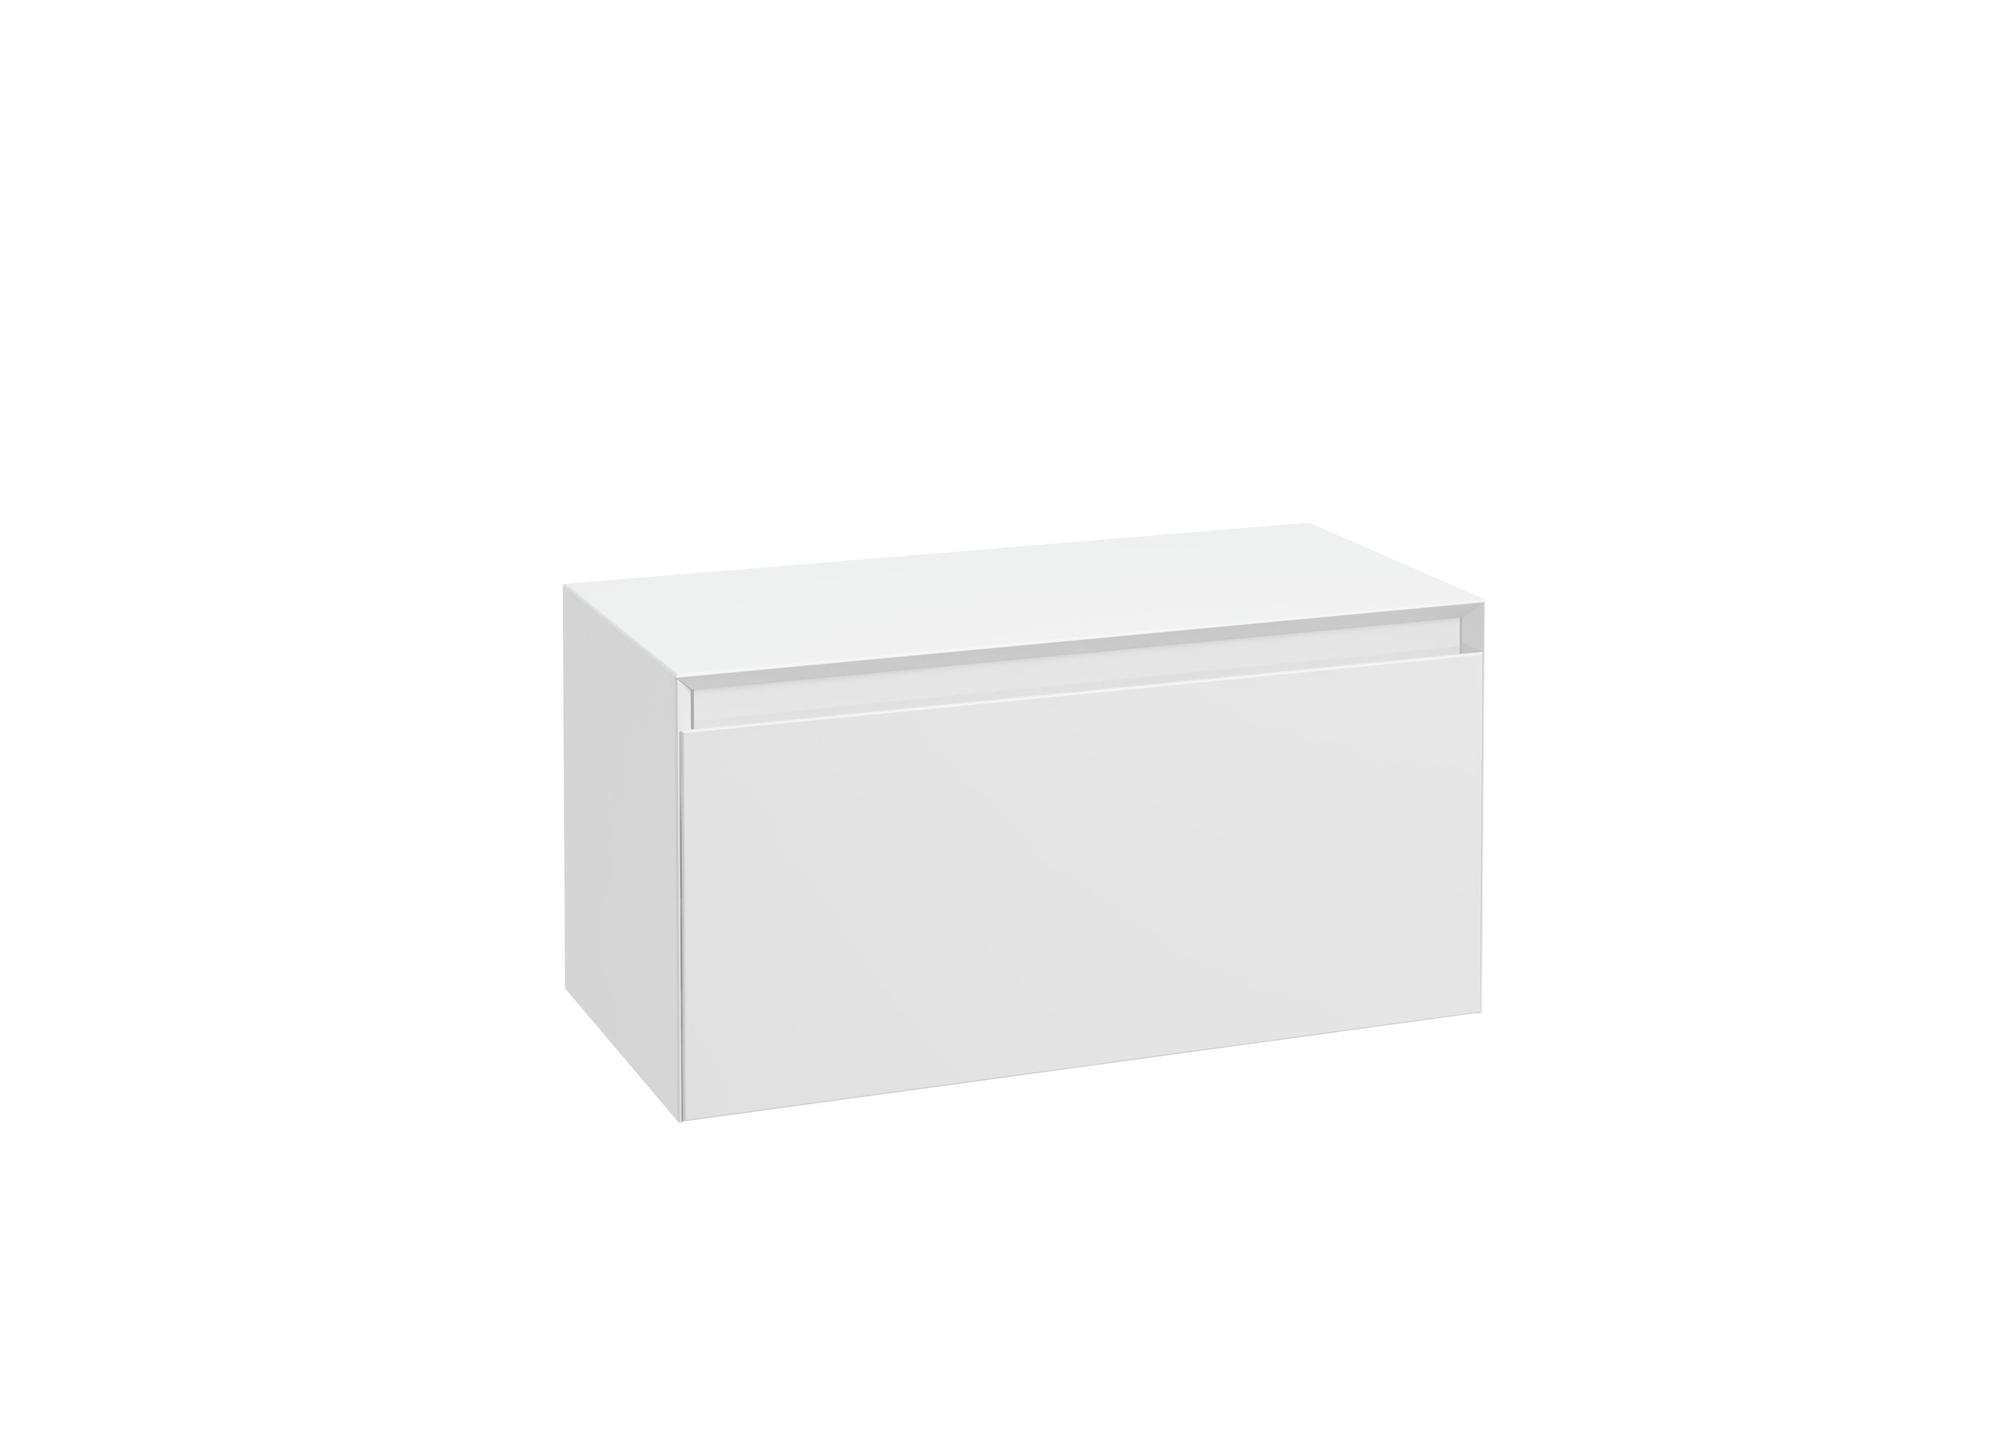 Szafka z blatem wisząca Defra Guadix B 70 Biały Mat 70x35x33,8 cm 147- B-07001